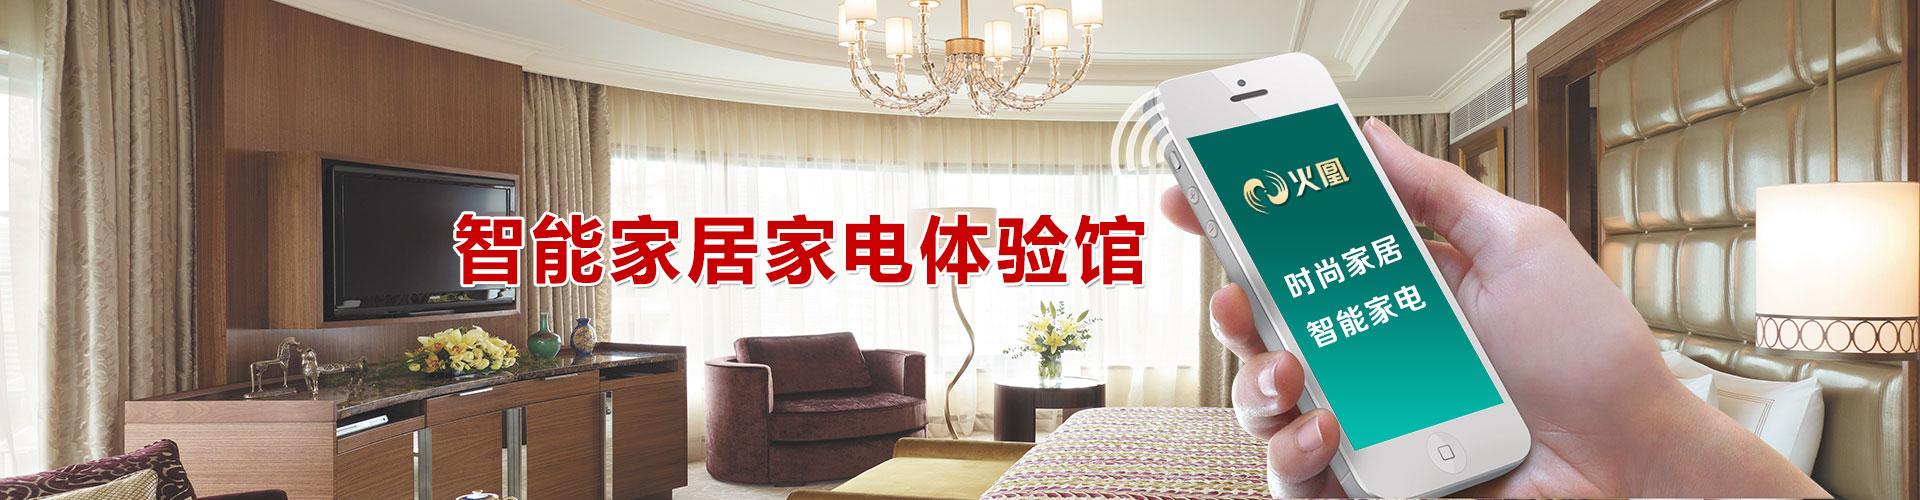 广东火凰电器有限公司